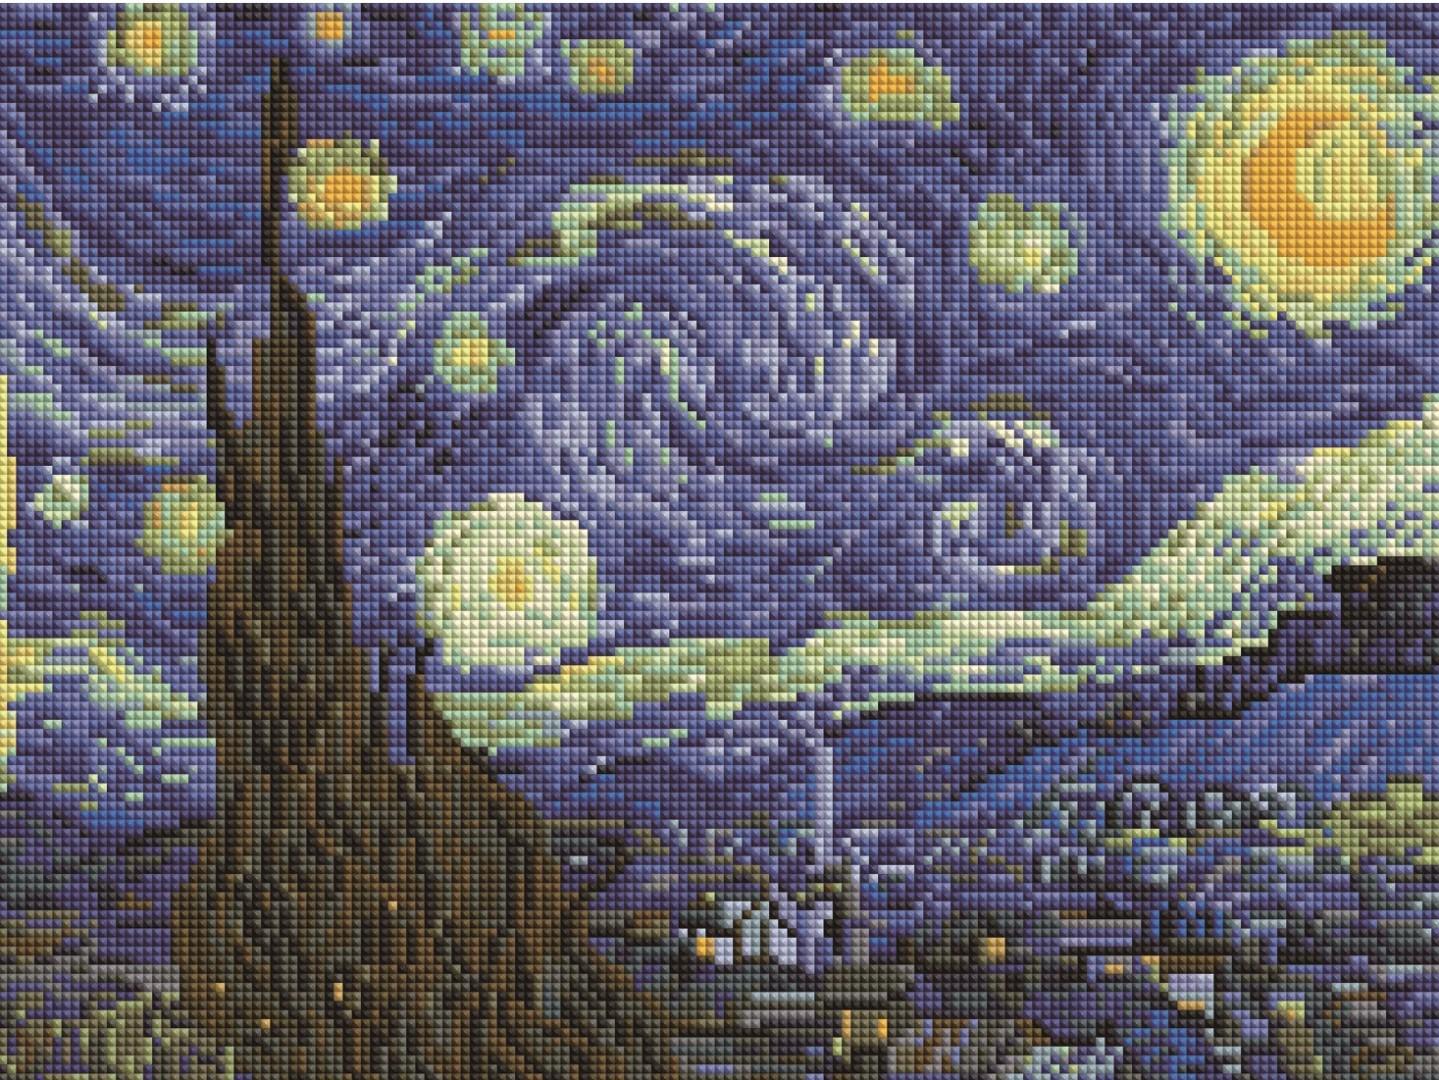 Купить картину: Звездная ночь. Ван гог, EF191 | Brushme ...